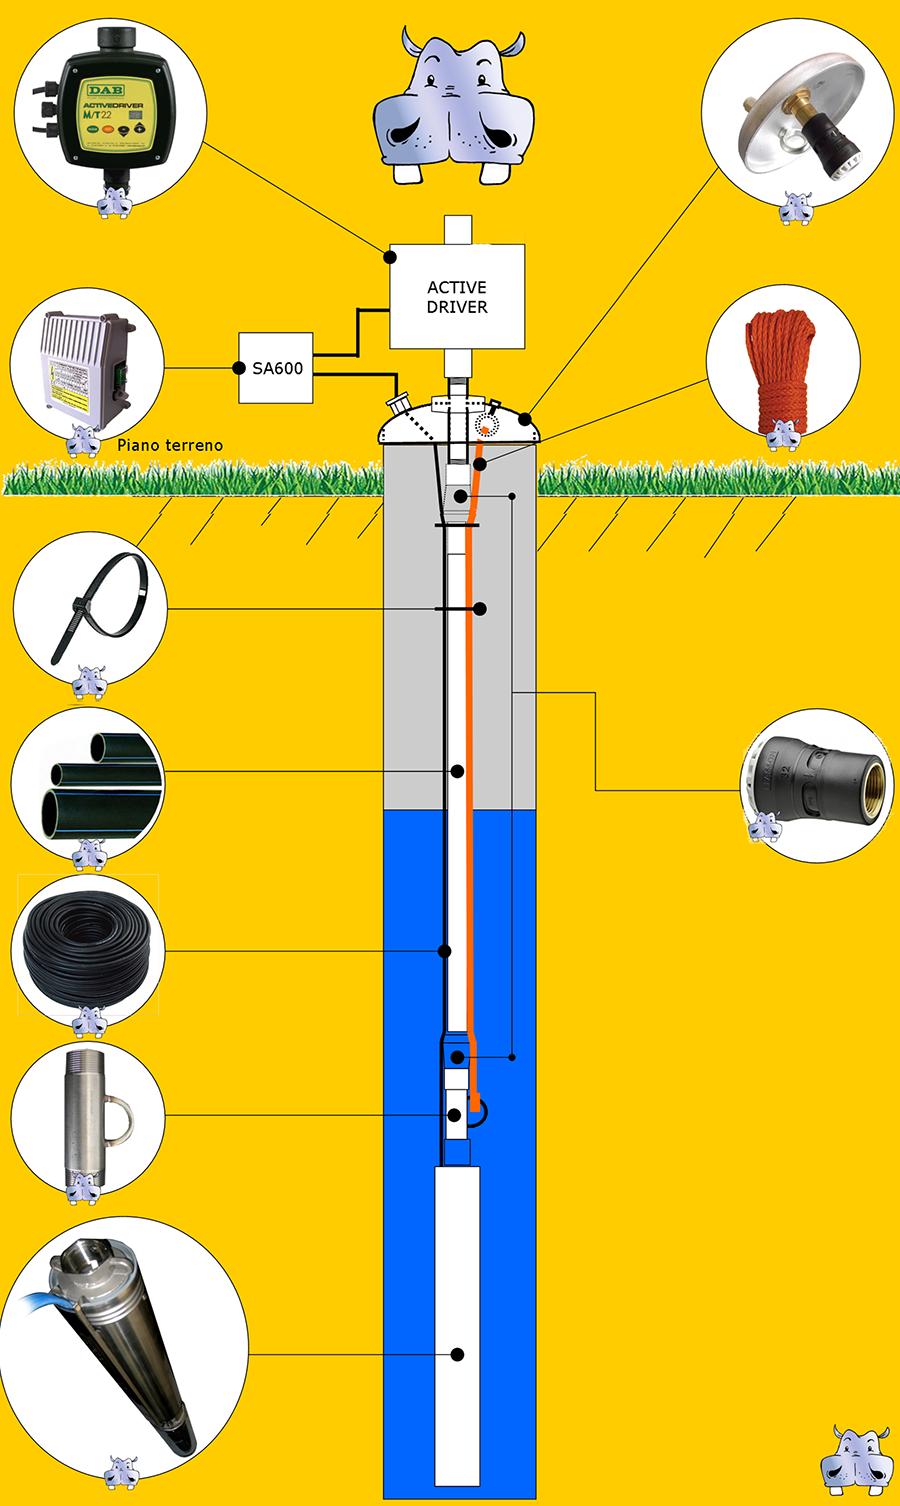 Schema Elettrico Per Pompa Ad Immersione : Impianto di sollevamento acqua pozzo pompa sommersa